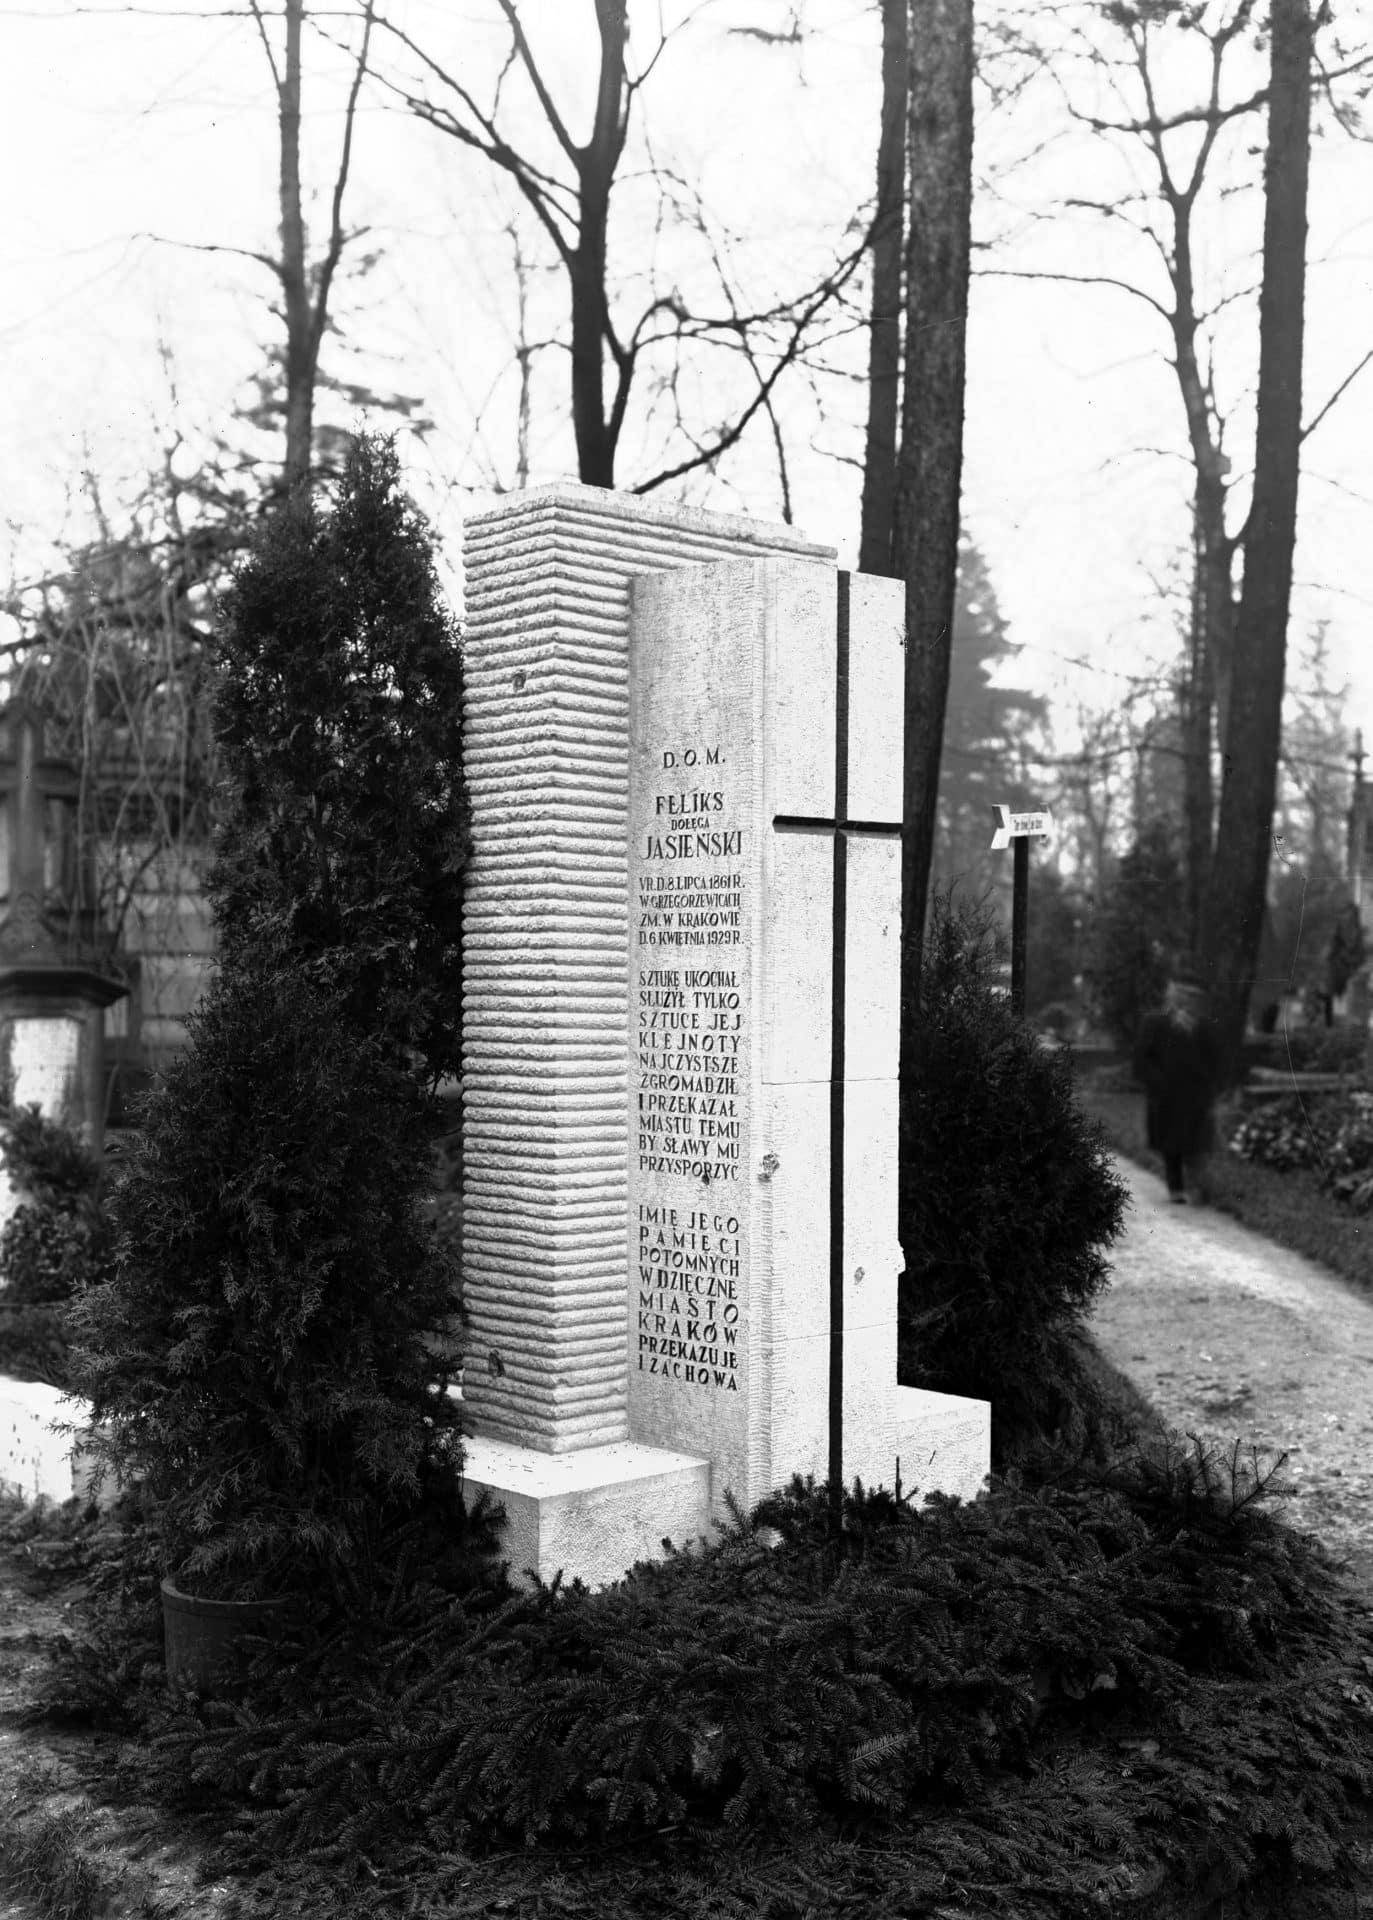 Grób krytyka i kolekcjonera sztuki Feliksa Jasieńskiego, który znajduje się na Cmentarzu Rakowickim w Krakowie. Feliks Jasieński zmarł w 1929 roku. Zdjęcie wykonano w 1930. Źródło: NAC.